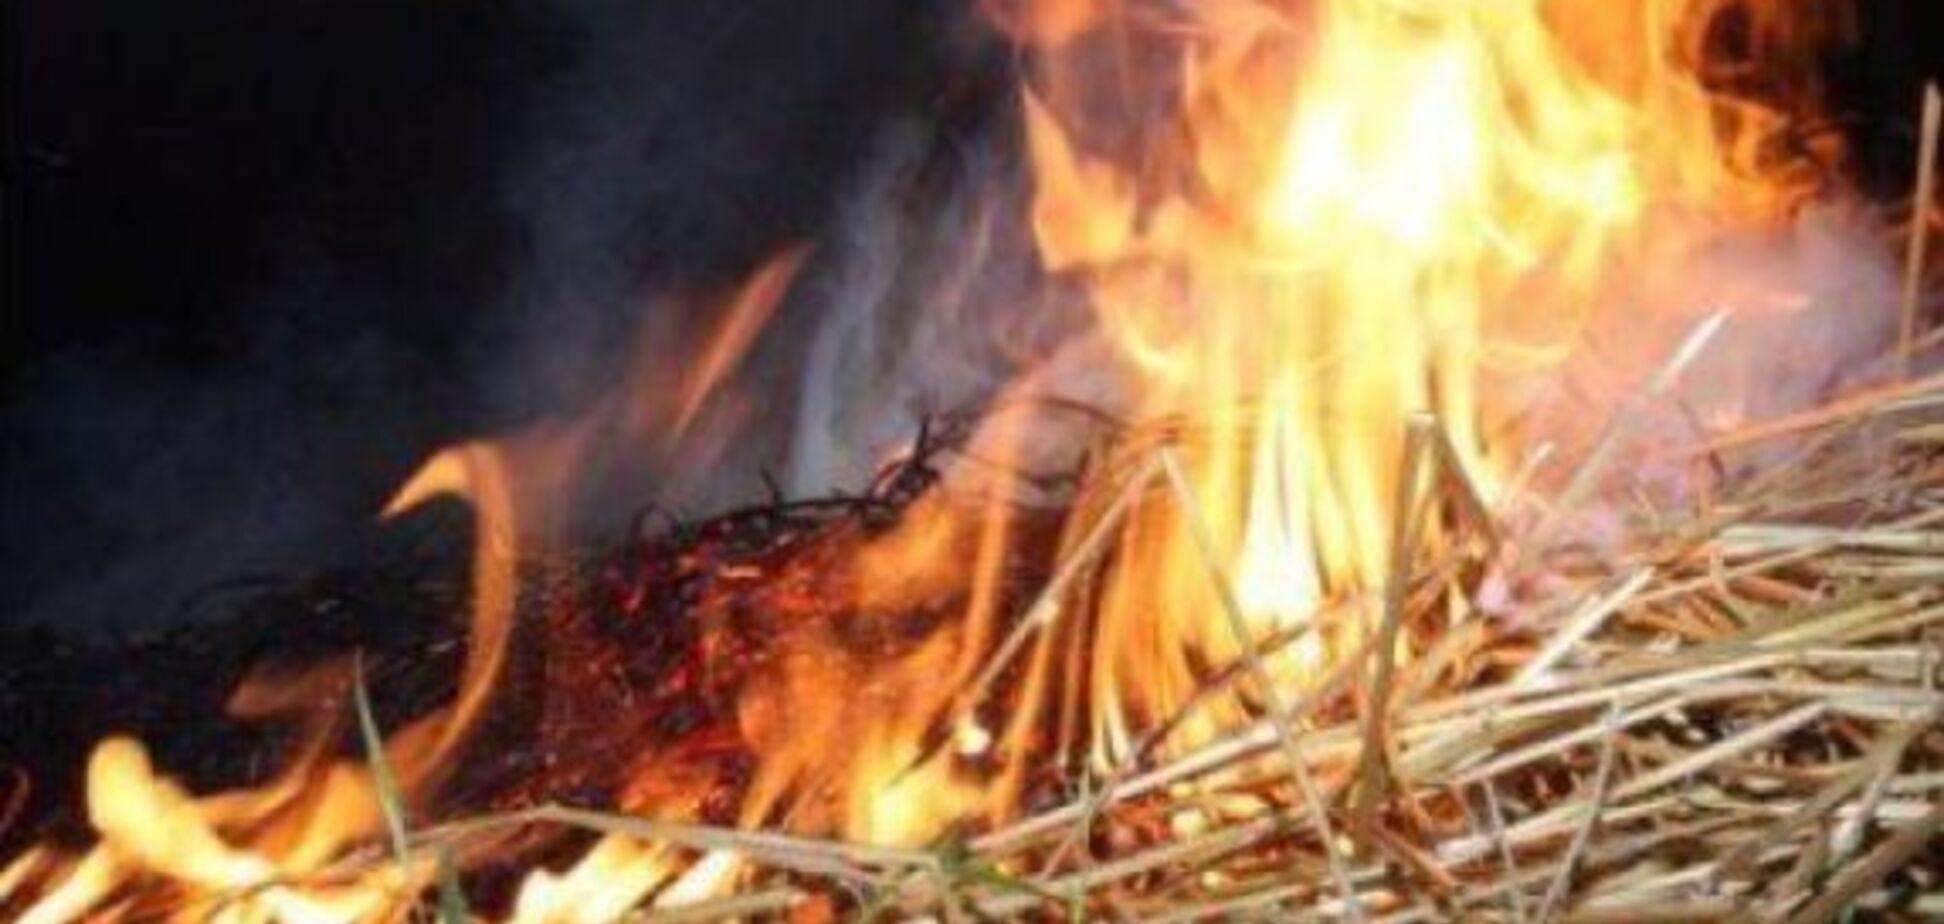 На Одещині 5-річна дитина живцем згорів у стозі сіна